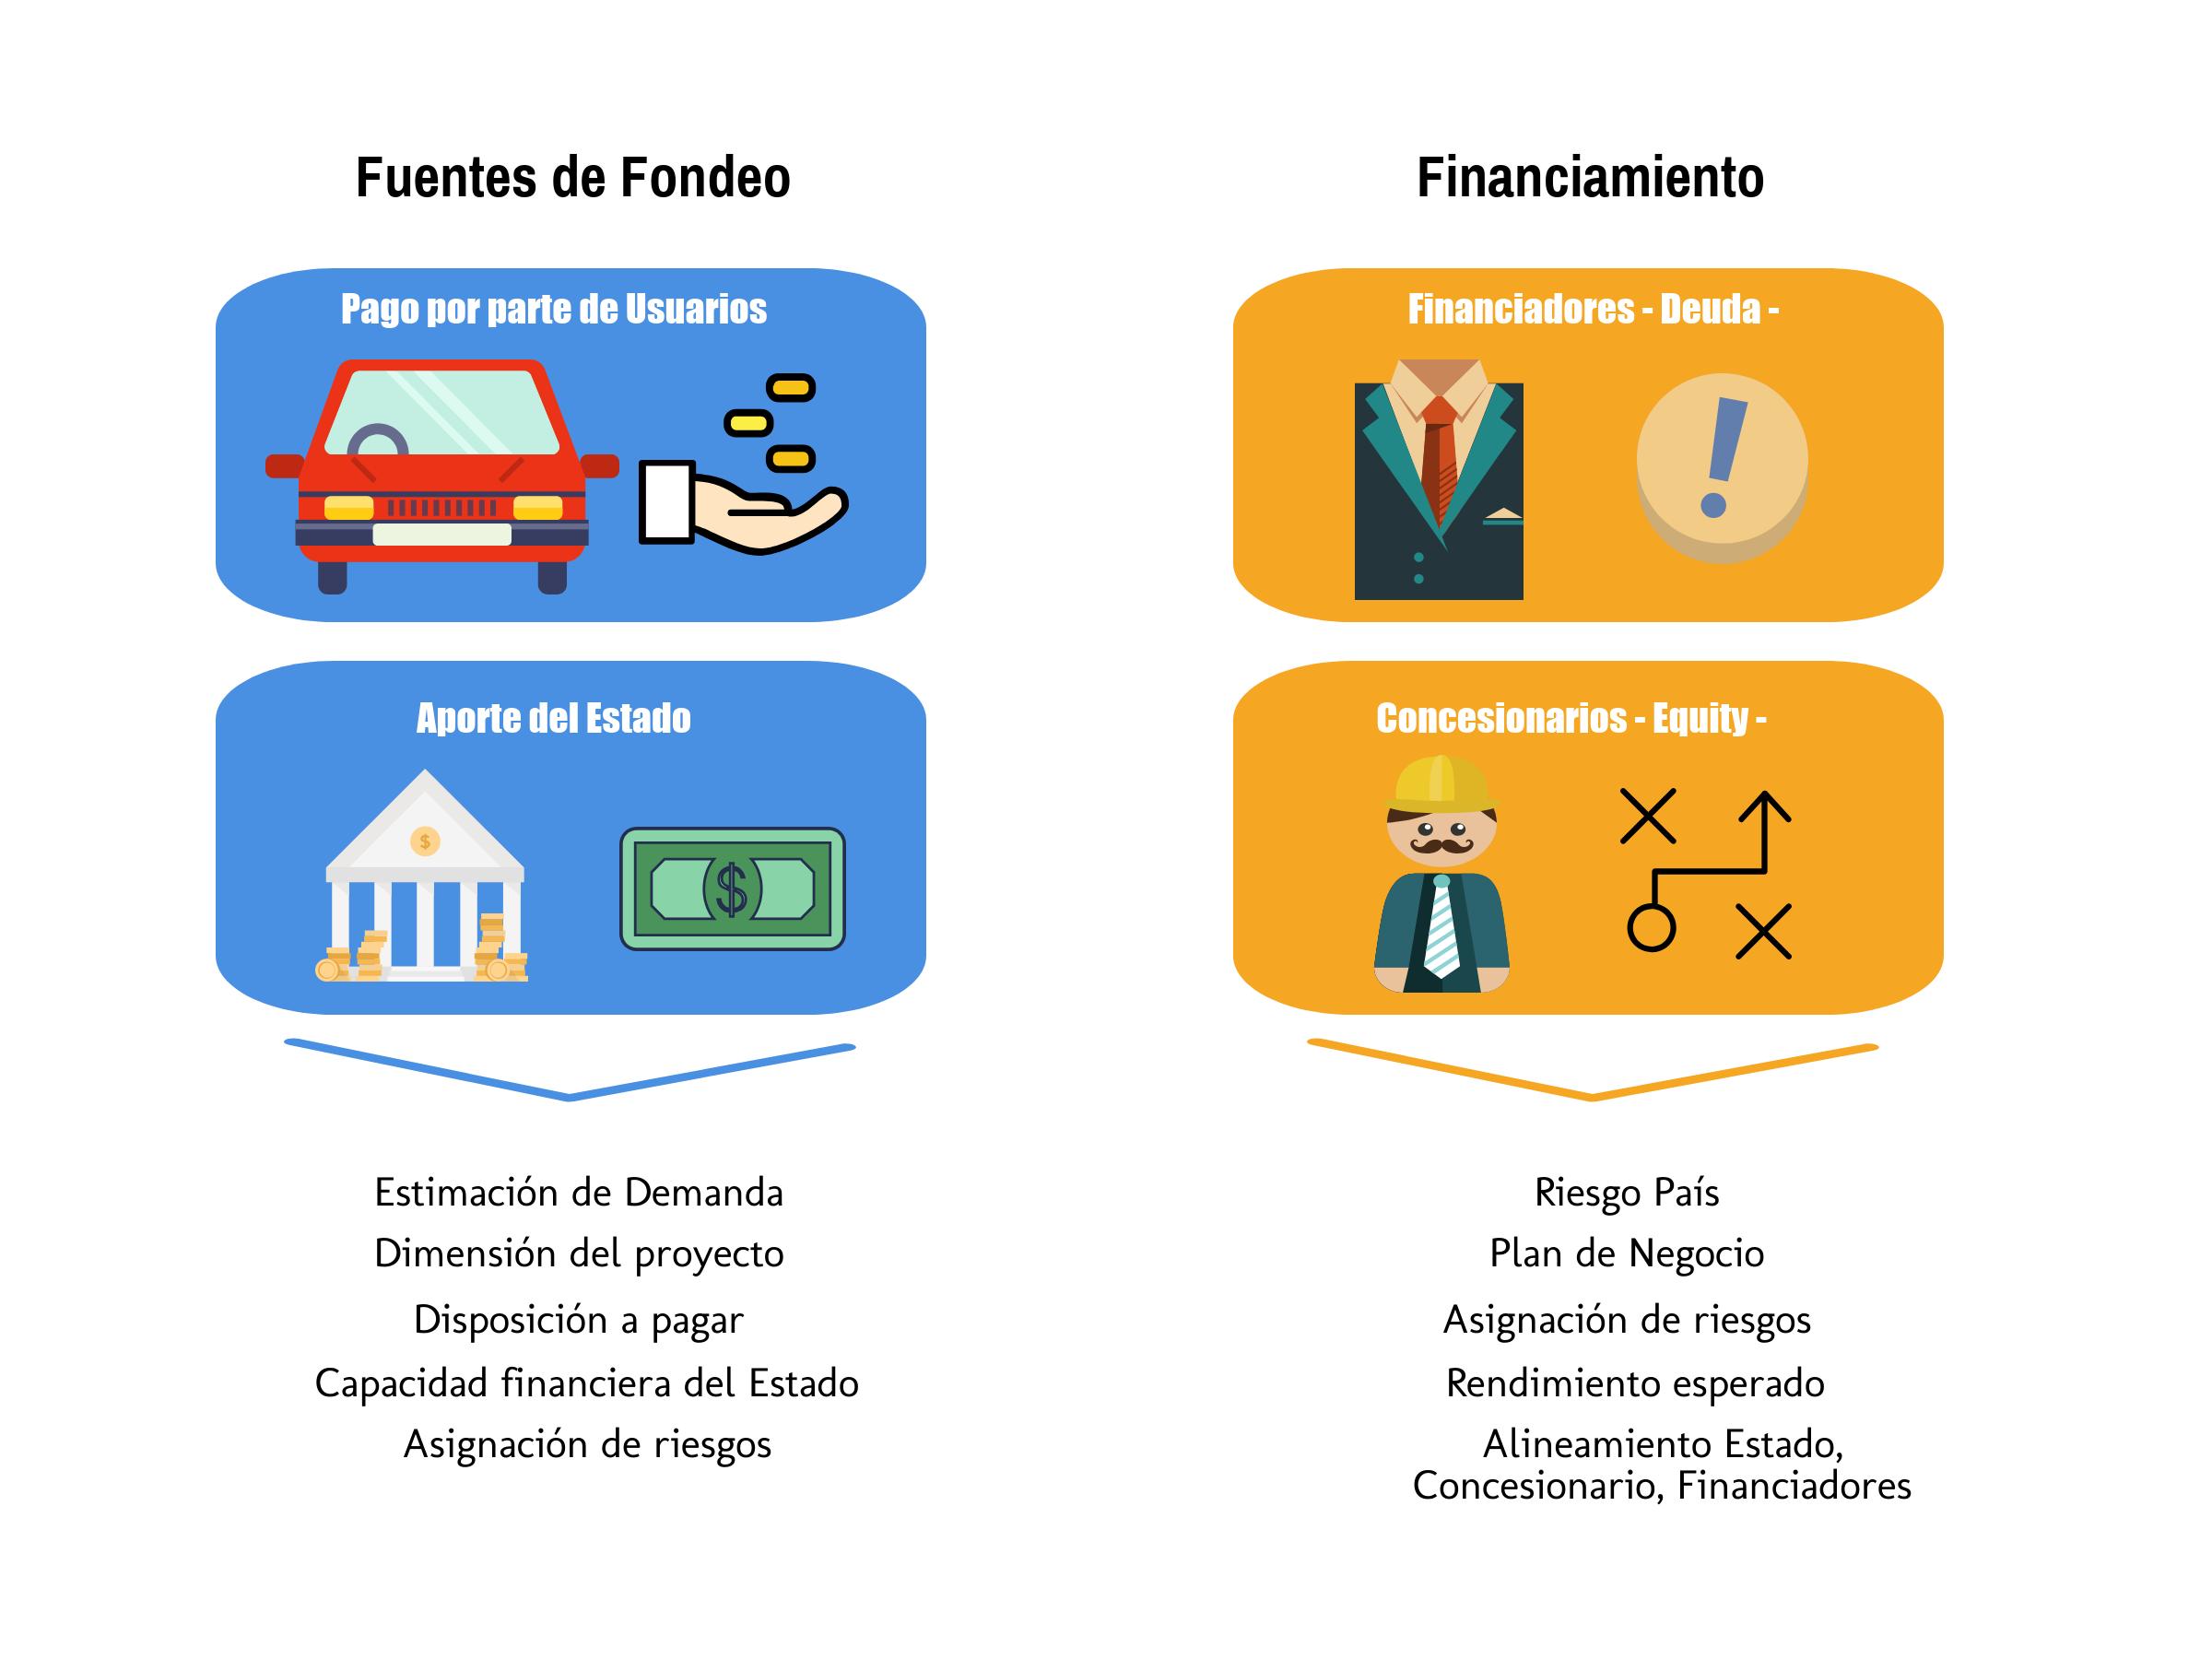 Financiamiento y Fondeo Version2.png